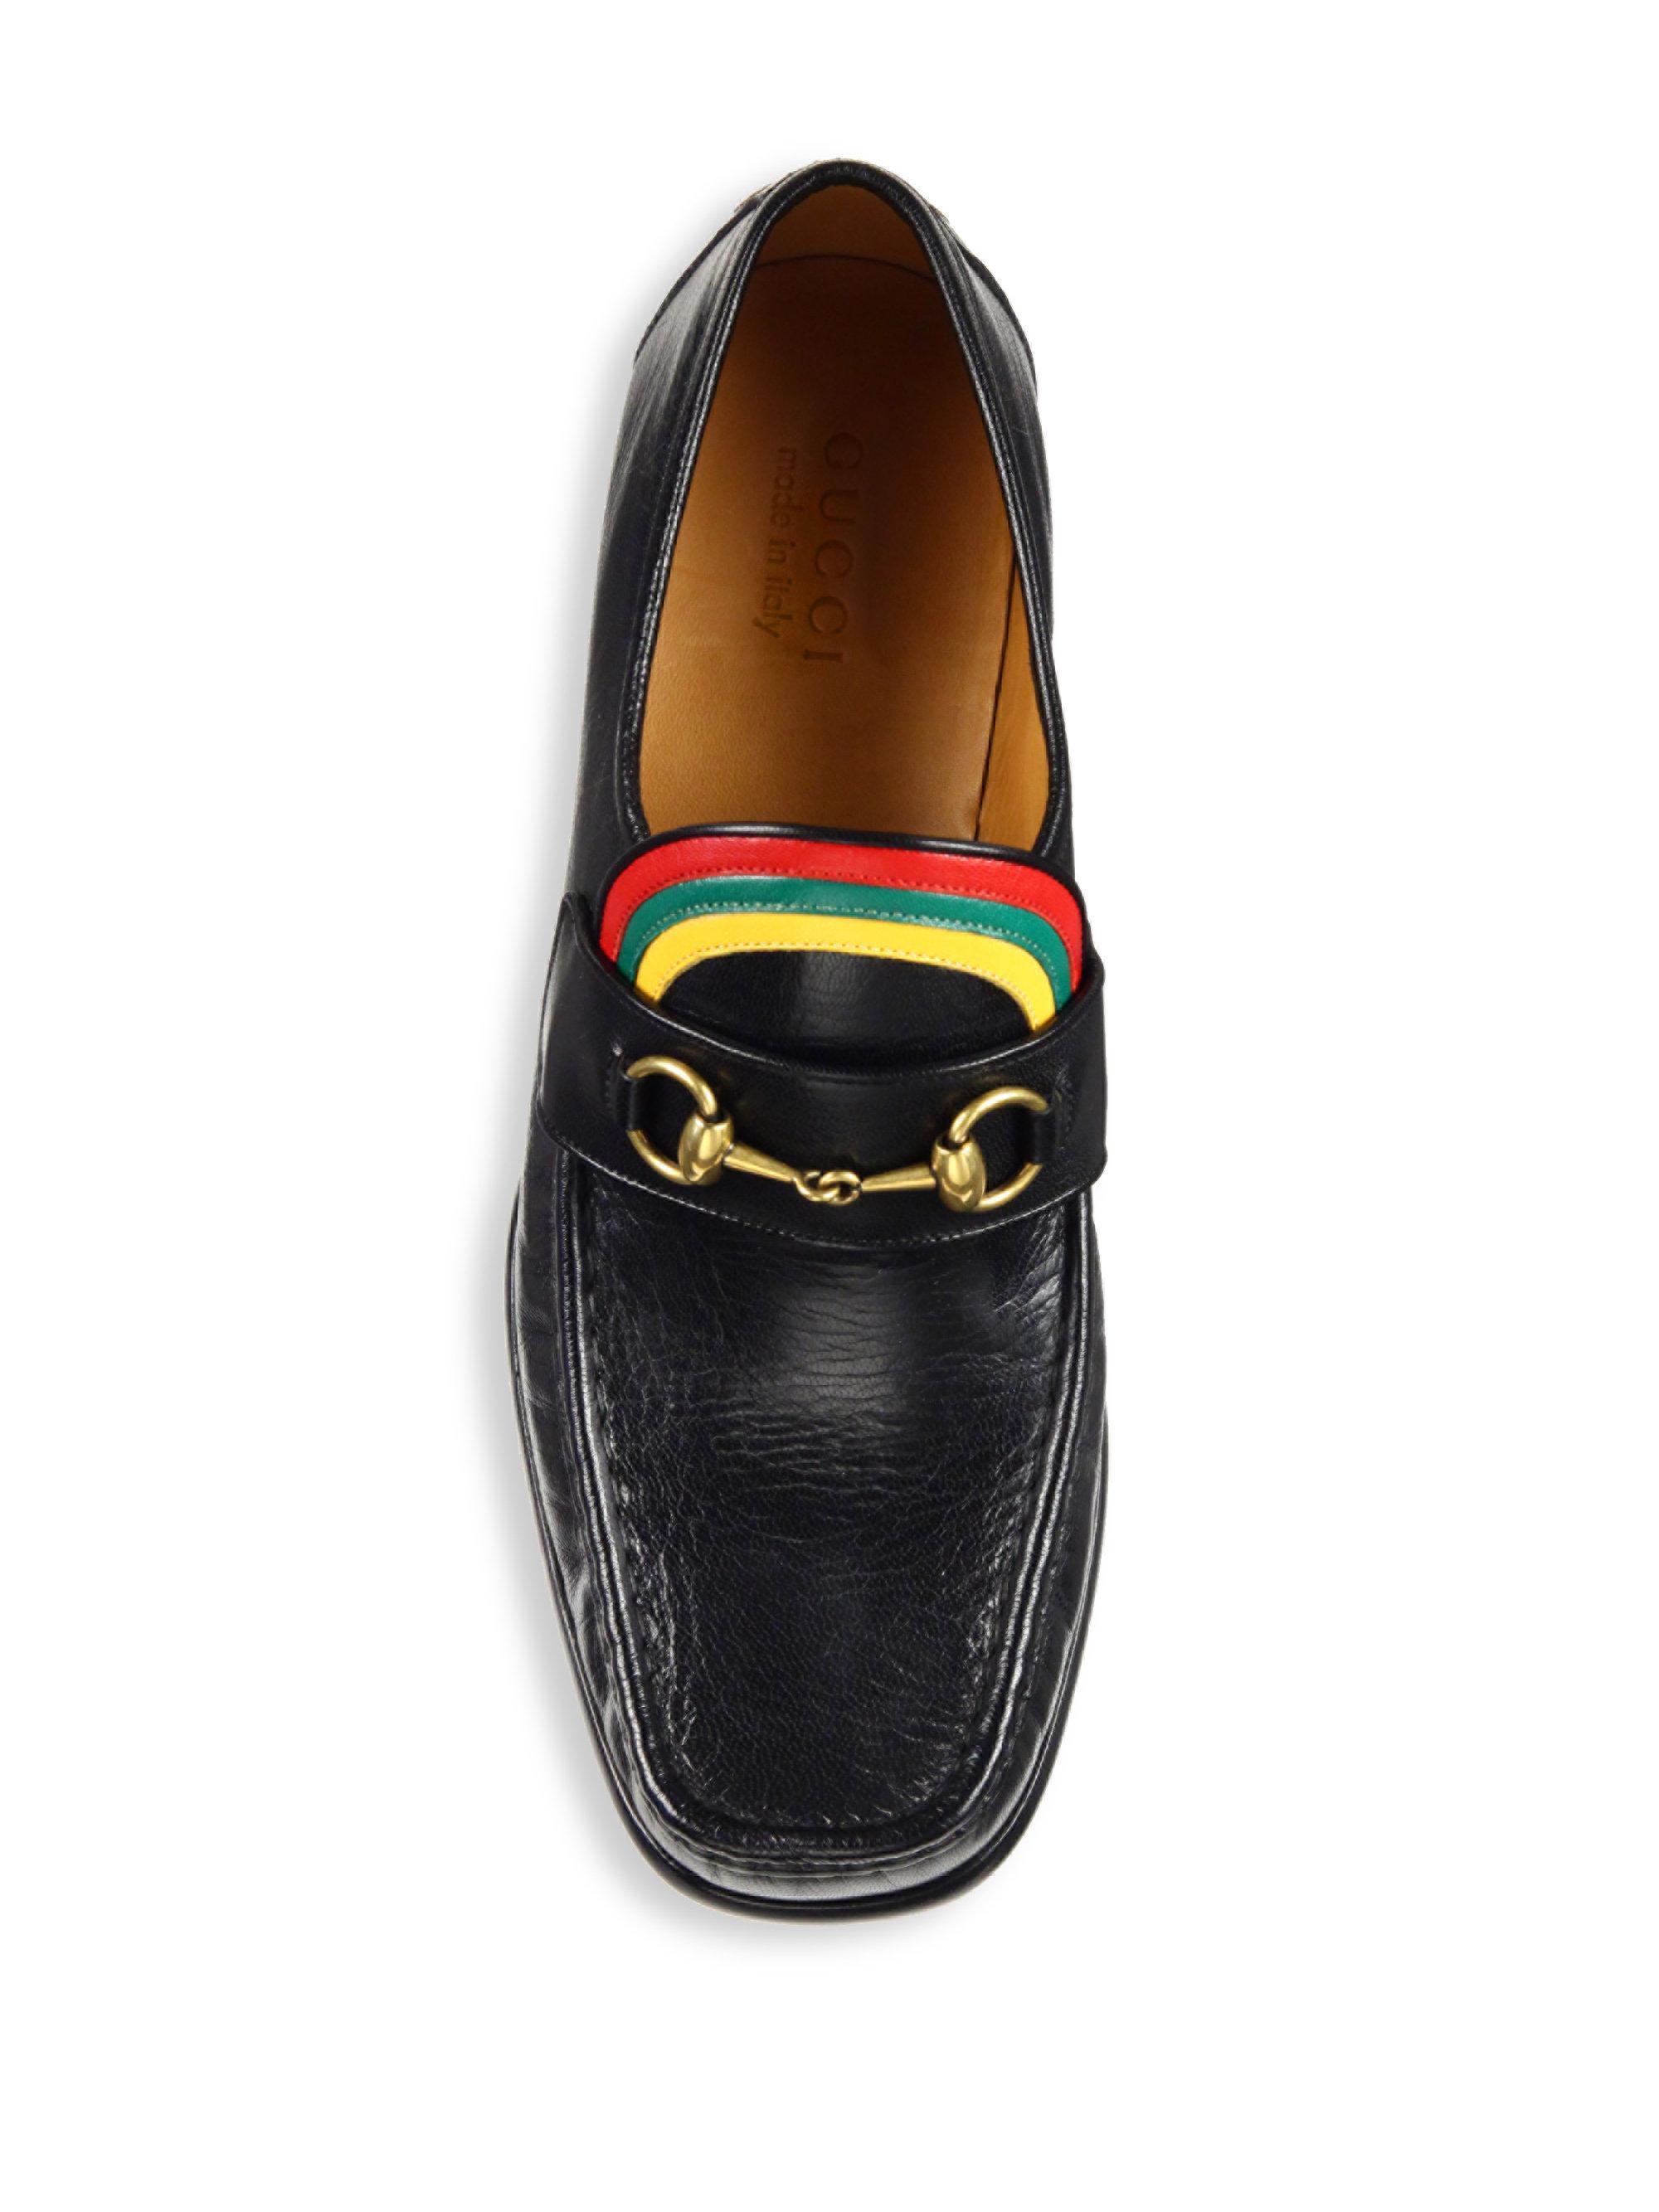 ki06f8Uii3Vegas Rainbow Horsebit Leather Loafers